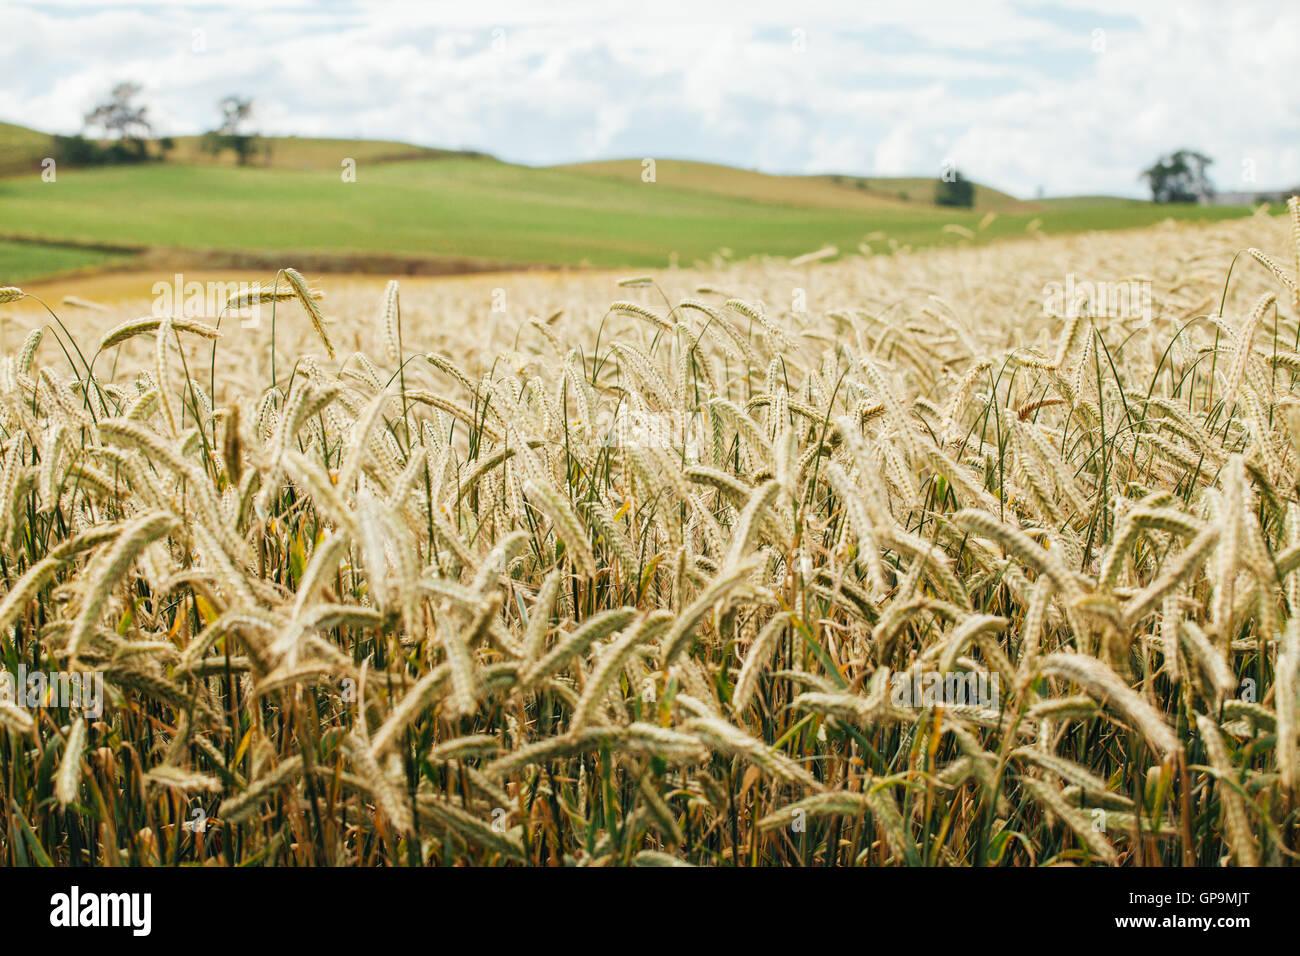 Wheat fields, Skåne, Sweden - Stock Image